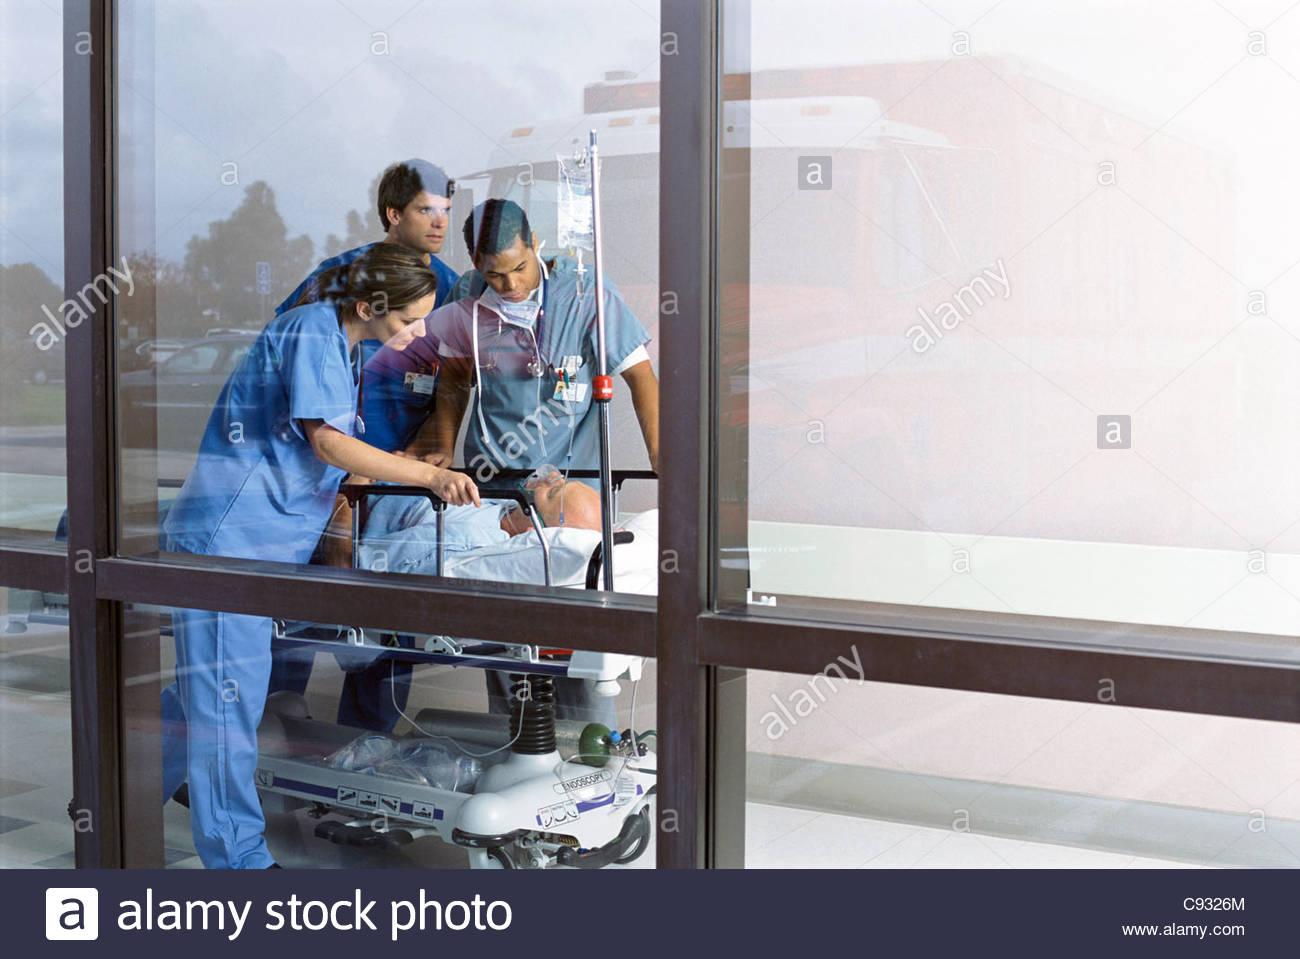 Doctors in corridor tending to patient on hospital gurney - Stock Image